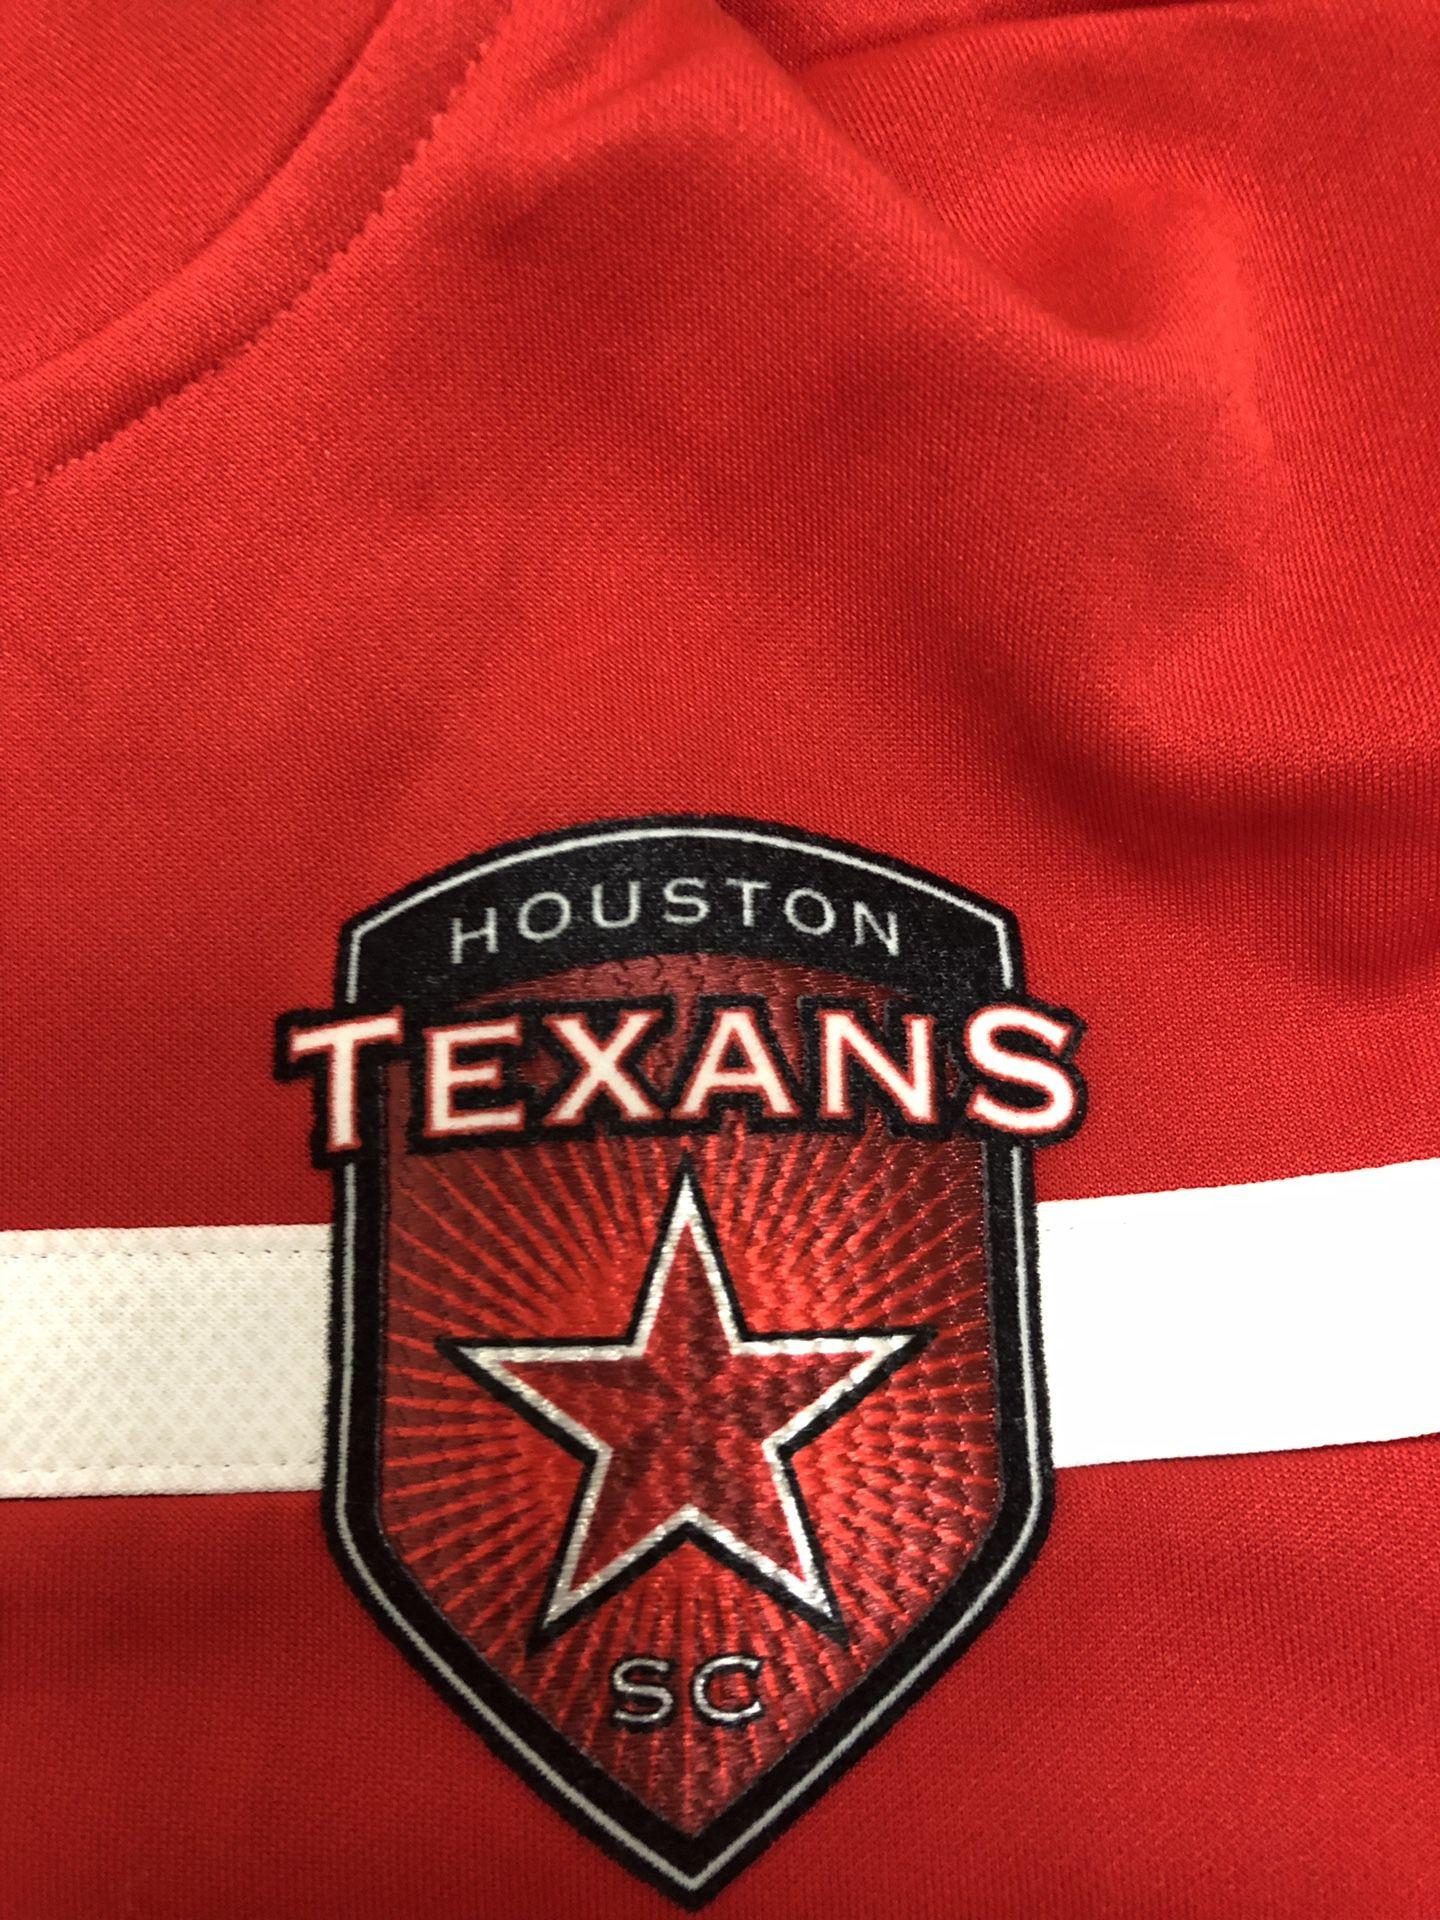 Collectible Texans Gear